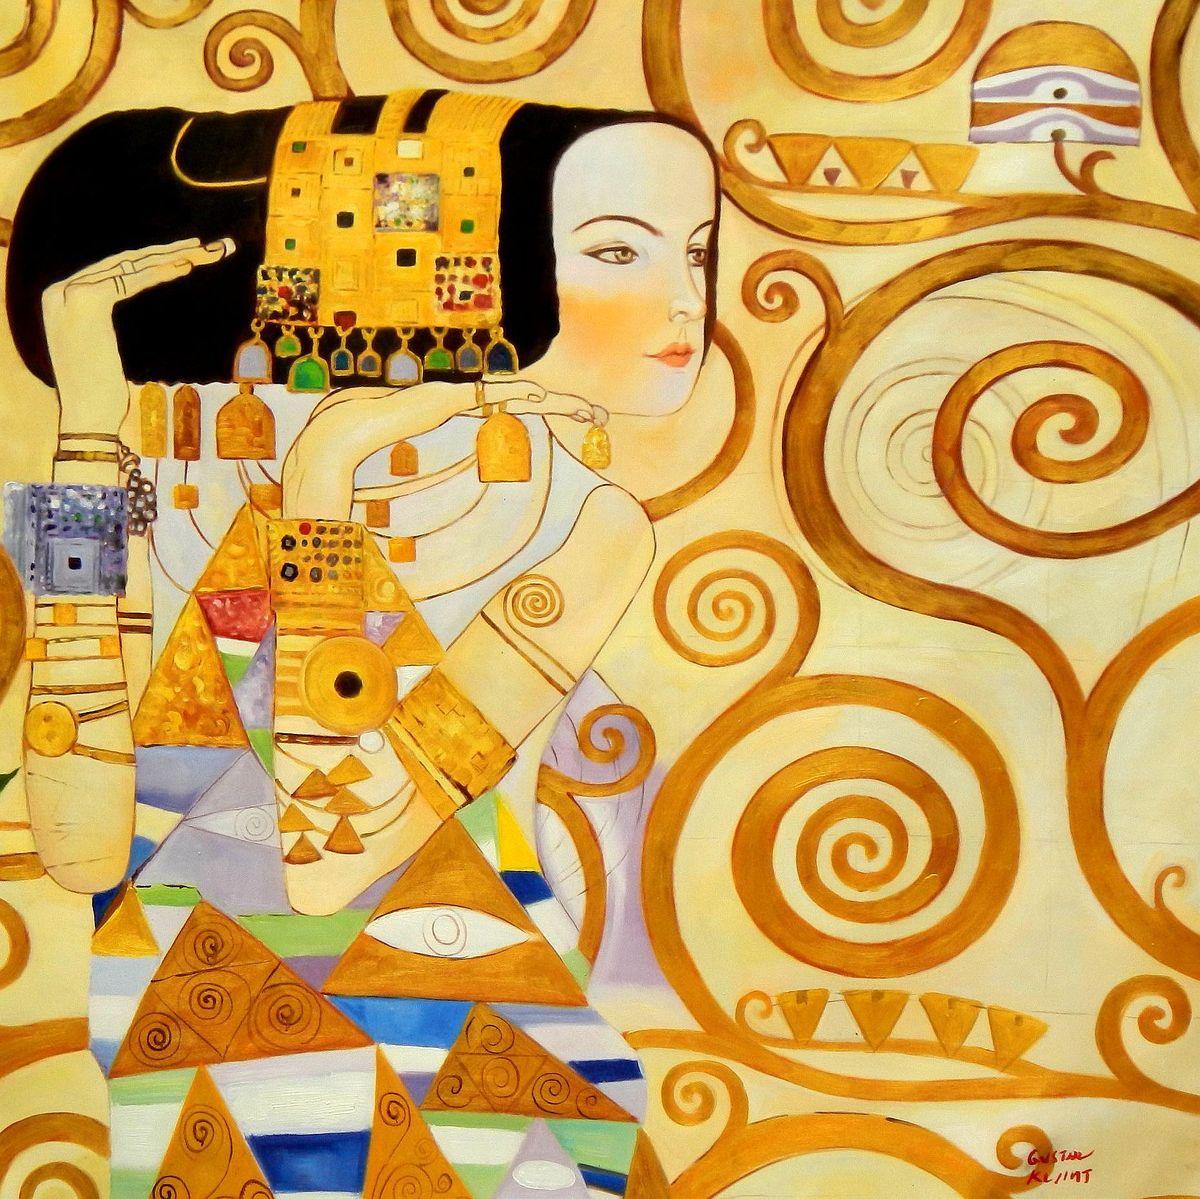 Gustav Klimt - Die Erwartung m94468 120x120cm exquisites Ölgemälde